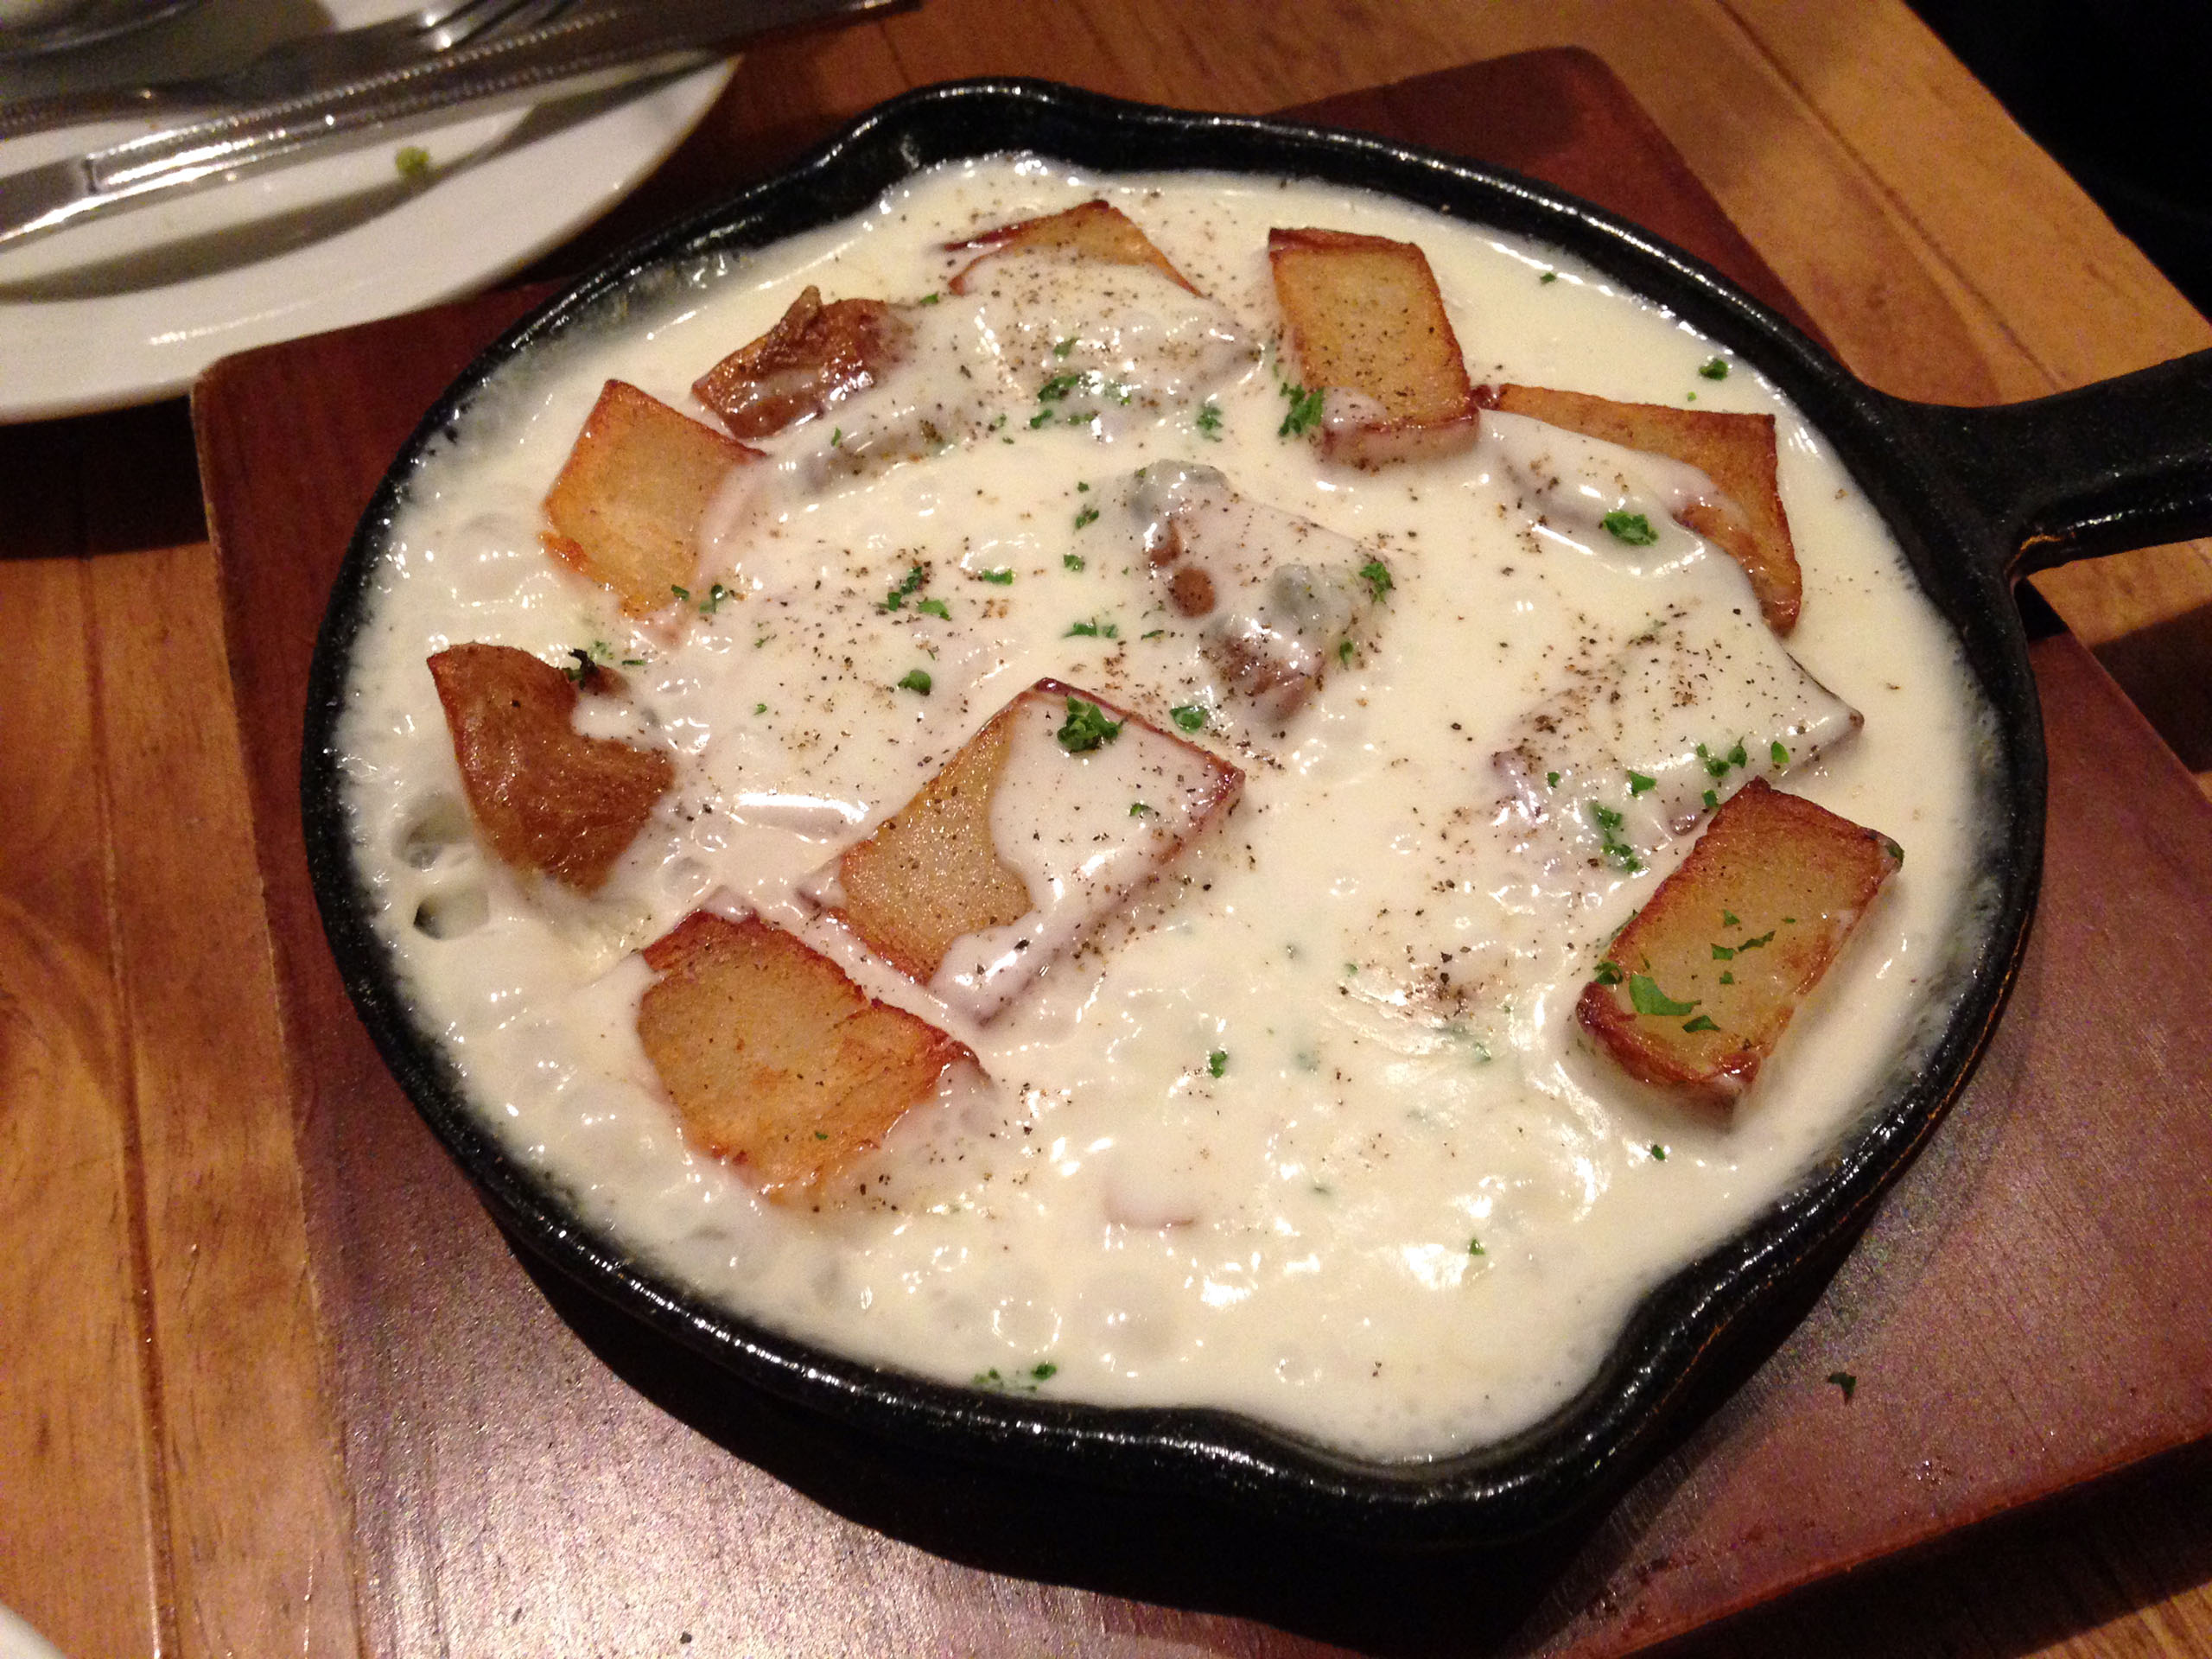 감자와 고르곤졸라 치즈 그라탕